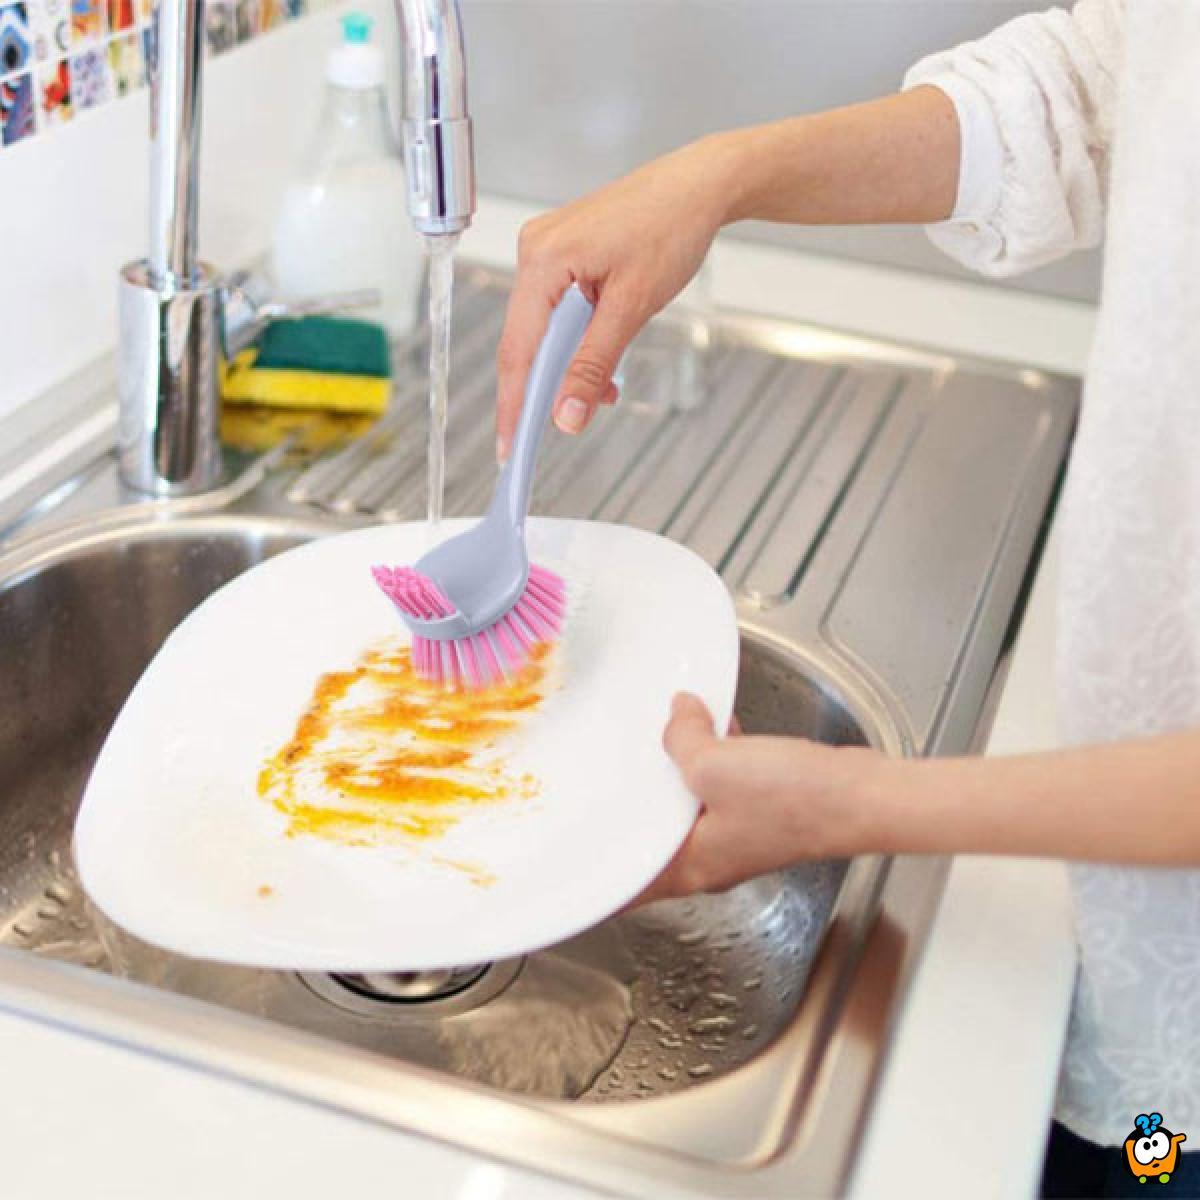 Višenamenska dvostruka četka za pranje posuđa